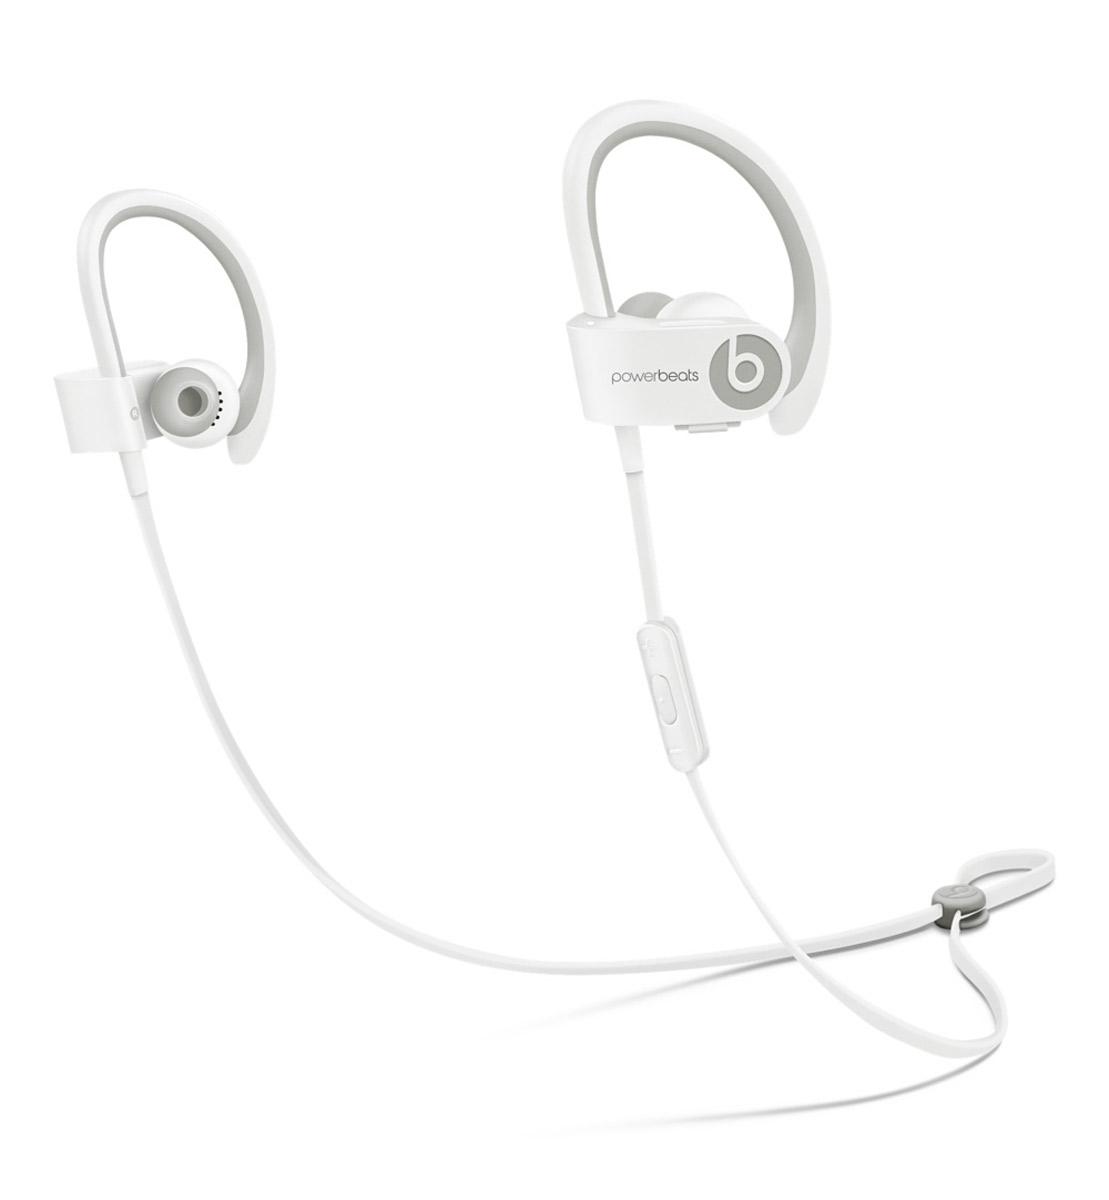 Beats Powerbeats 2 Wireless, White наушникиMHBG2ZM/AВдохновлённые Леброном Джеймсом и его упорным стремлением к совершенству, беспроводные наушники с Bluetooth Beats by Dr. Dre Powerbeats2 обладают исключительно малым весом и высокой мощностью двухполосной акустики, стимулируя вас во время тяжёлых тренировок. Созданы, чтобы выдержать все испытания Уровень пото-и водонепроницаемости IPX-4 означает, что наушники Powerbeats2 защищены, начиная от ушных вкладышей и заканчивая соединяющим наушники кабелем с защитой от спутывания. Элемент управления RemoteTalk, расположенный на соединяющем кабеле с защитой от спутывания, сделан в виде накладки, препятствующей соскальзыванию, когда вы регулируете громкость, переключаете треки или совершаете звонки. Больше свободы Где бы вы ни находились - на улице или на корте - беспроводные наушники Powerbeats2 дают вам полную свободу тренировок. Беспроводная связь Bluetooth позволяет подключаться к iPhone, iPad или iPod с поддержкой Bluetooth на расстоянии до 9,1 метра,...